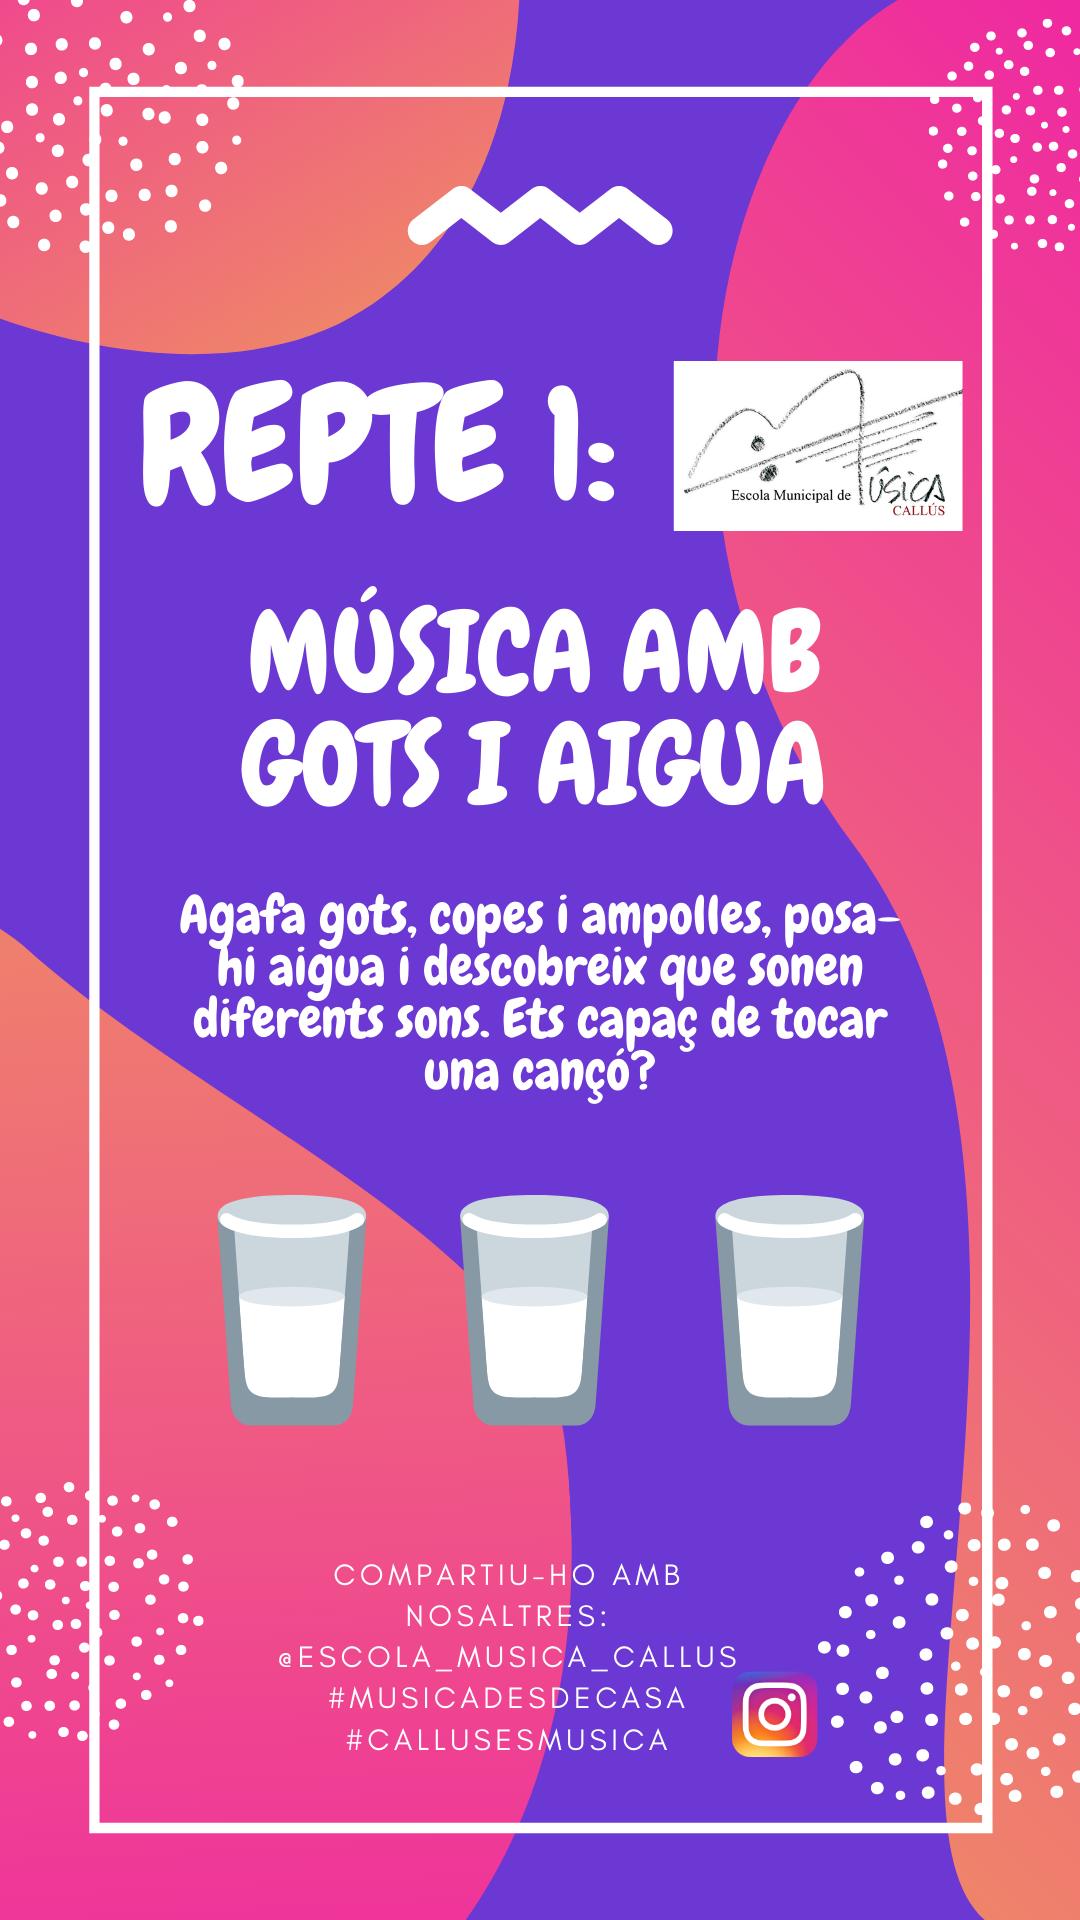 repte1